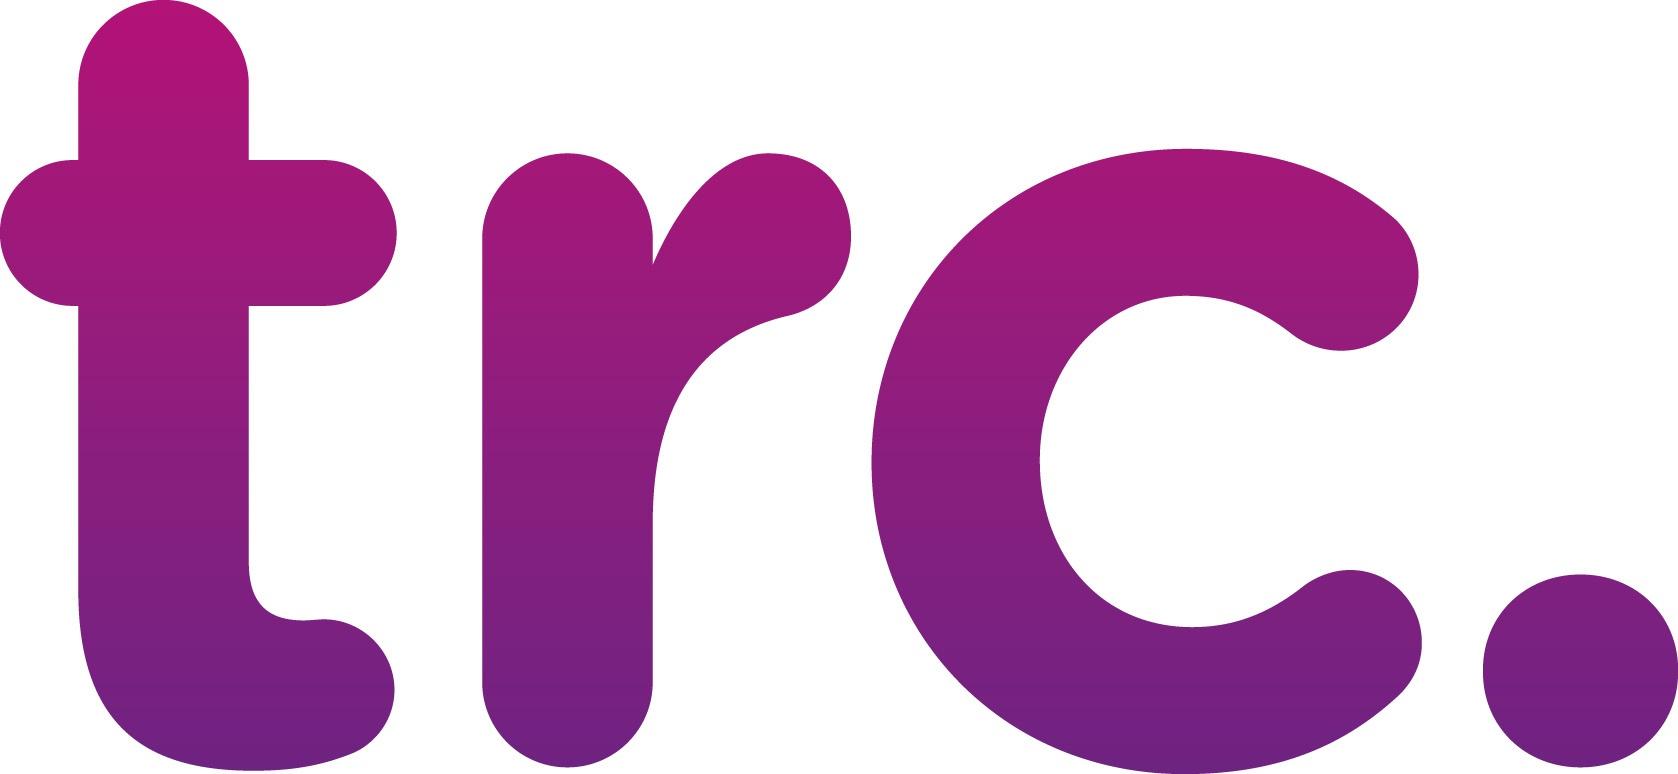 trc_logo_gradient